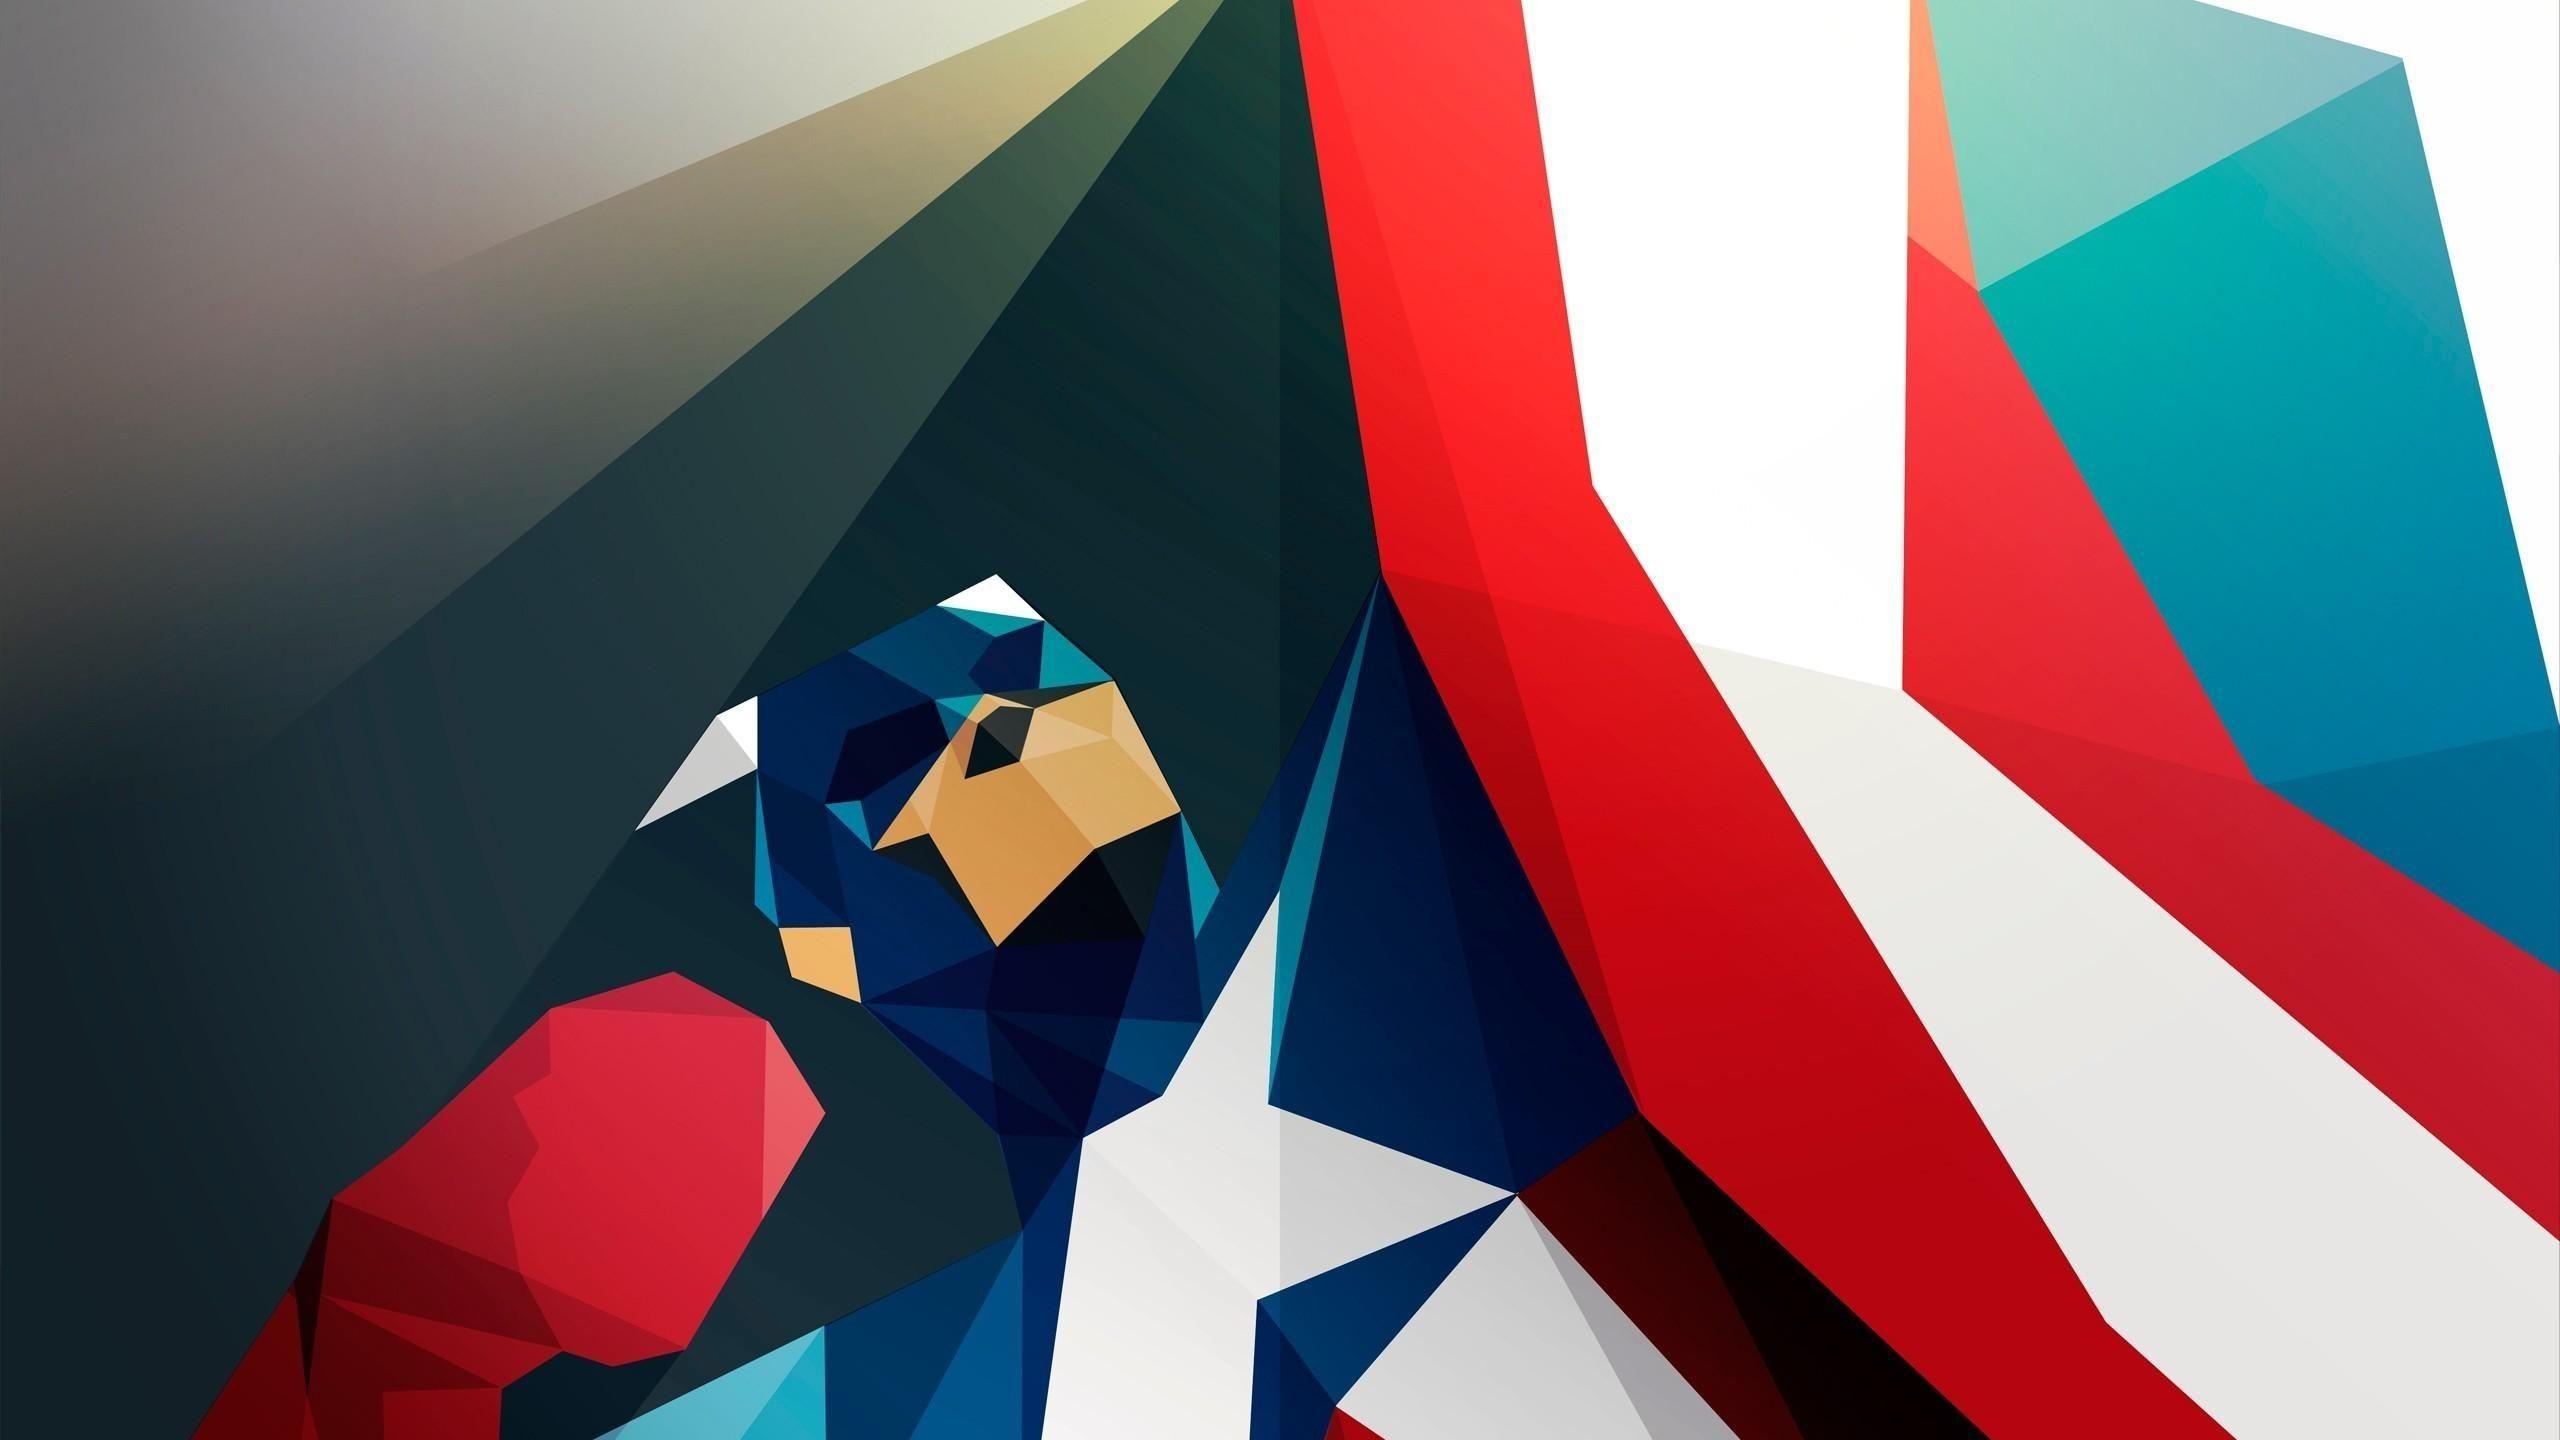 Polygon Wallpaper 2